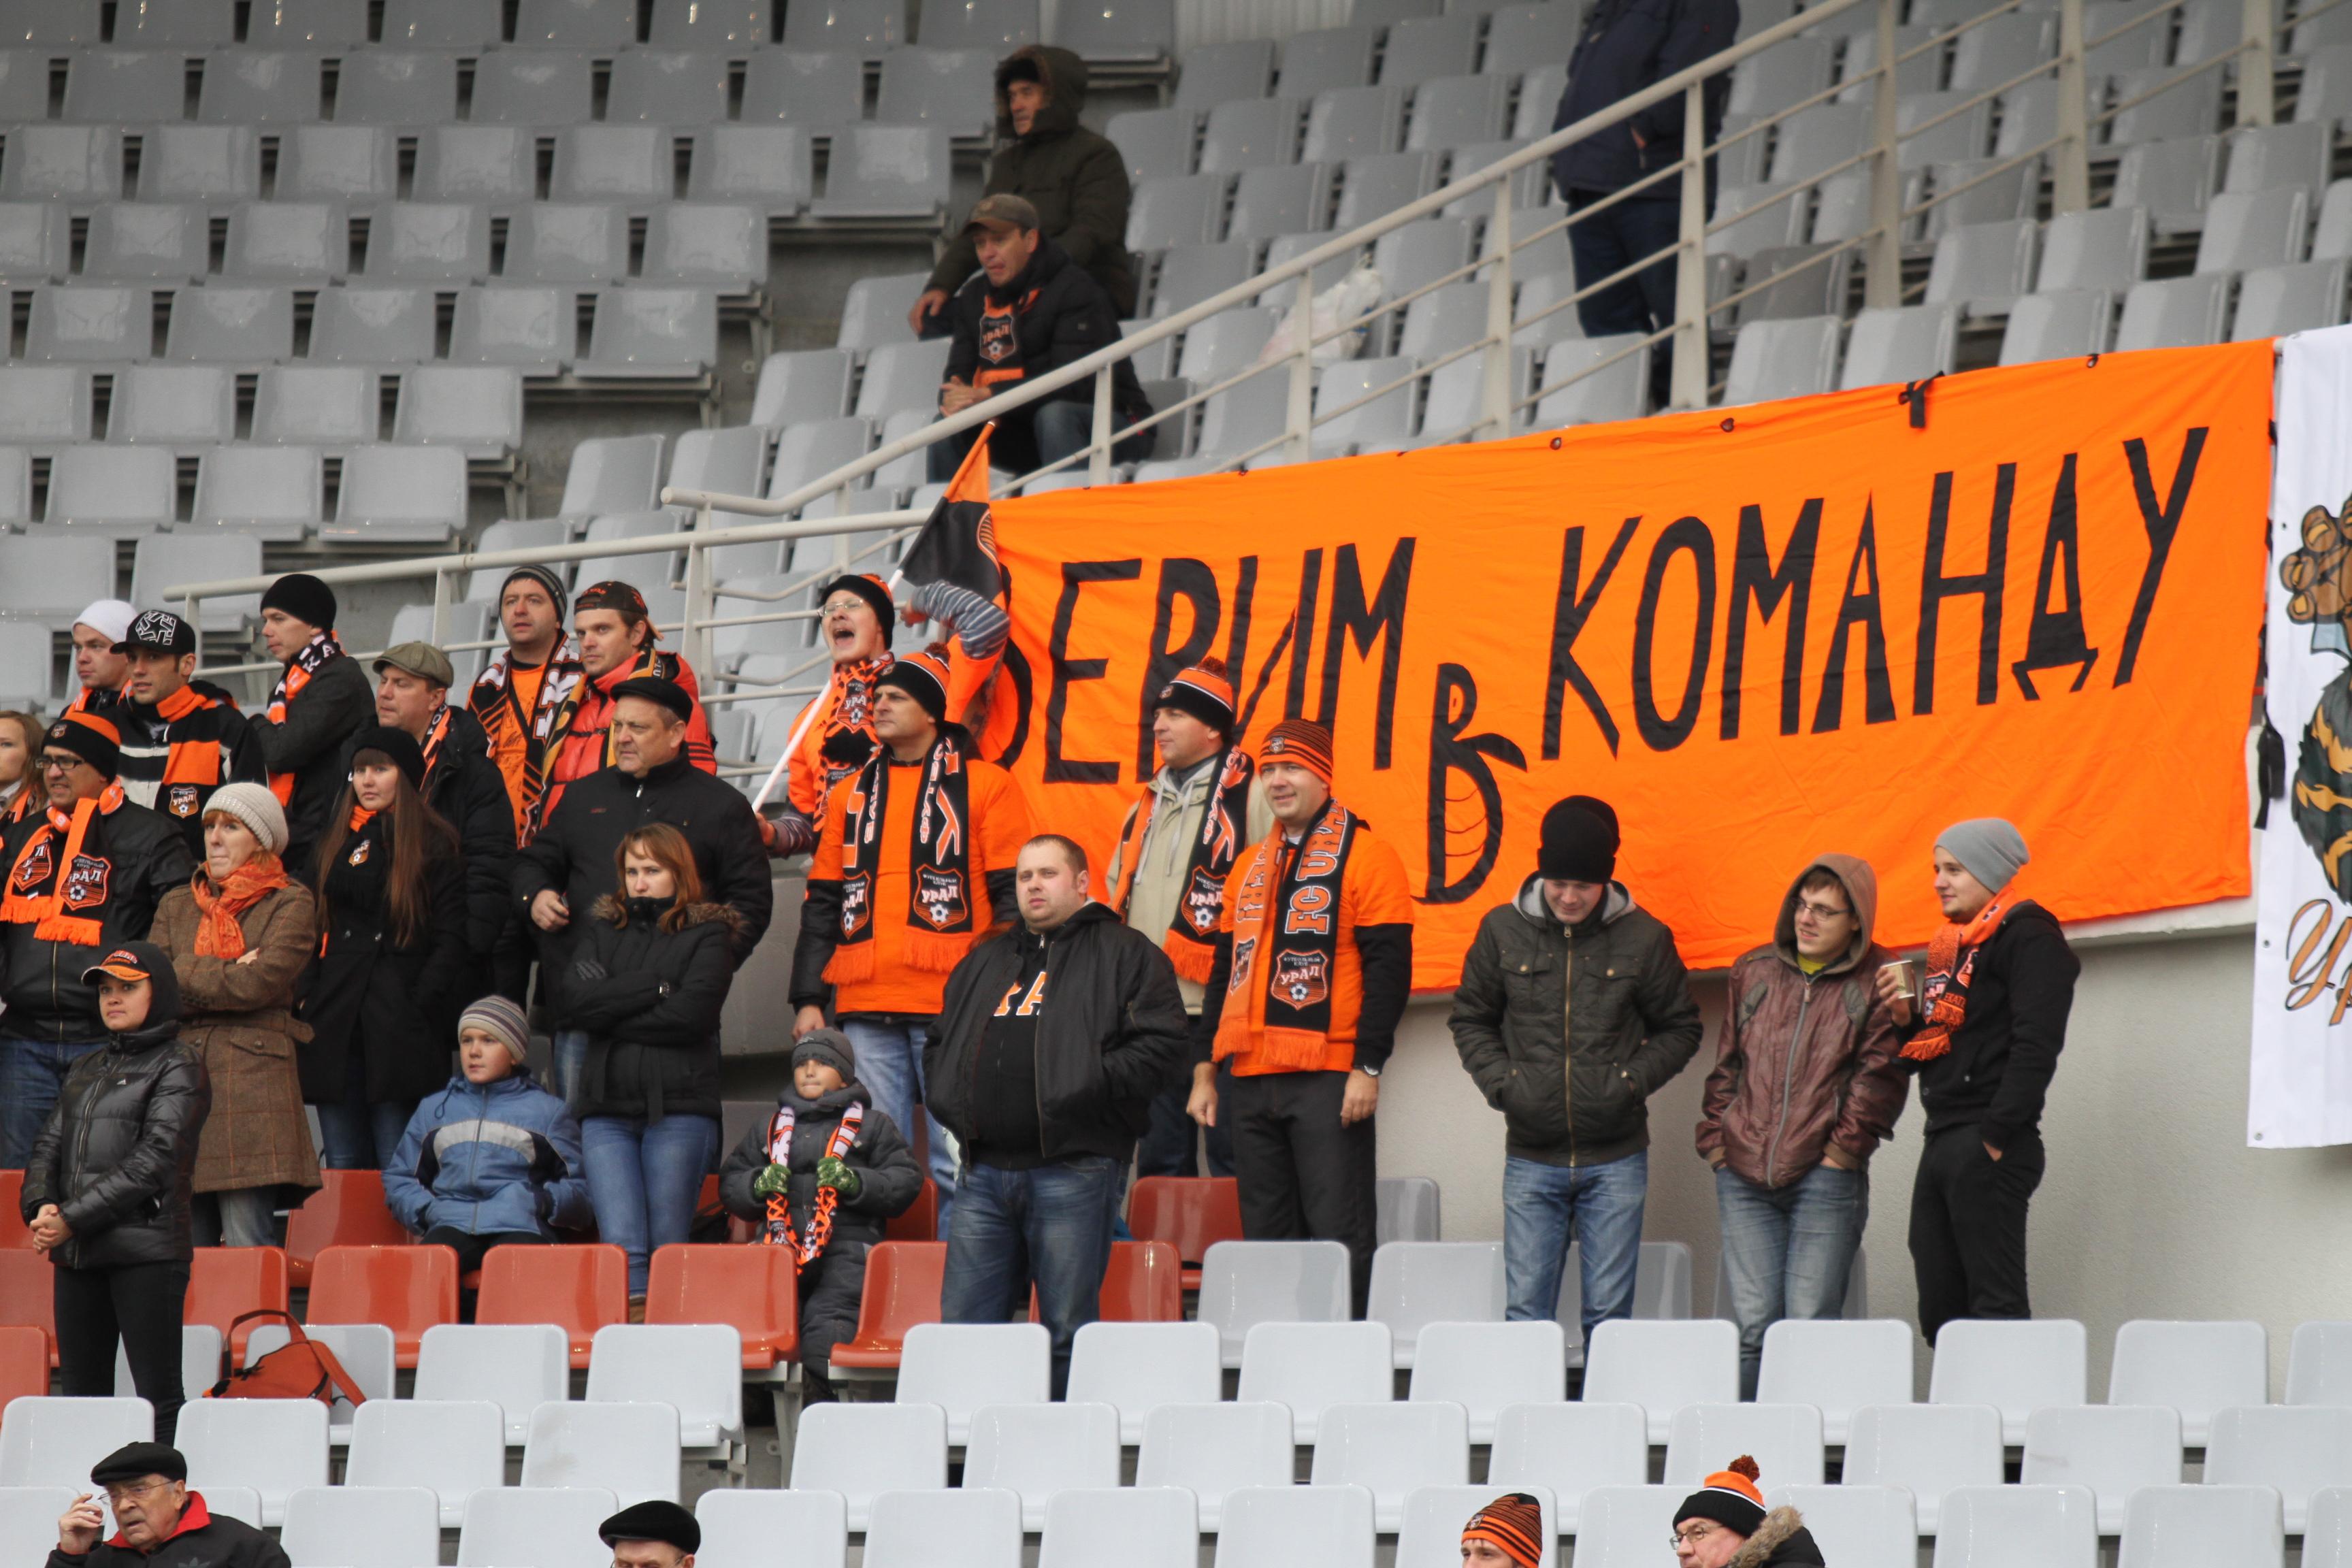 Без шансов: «Урал» уступил со счетом 0:2 «Краснодару» в домашнем матче